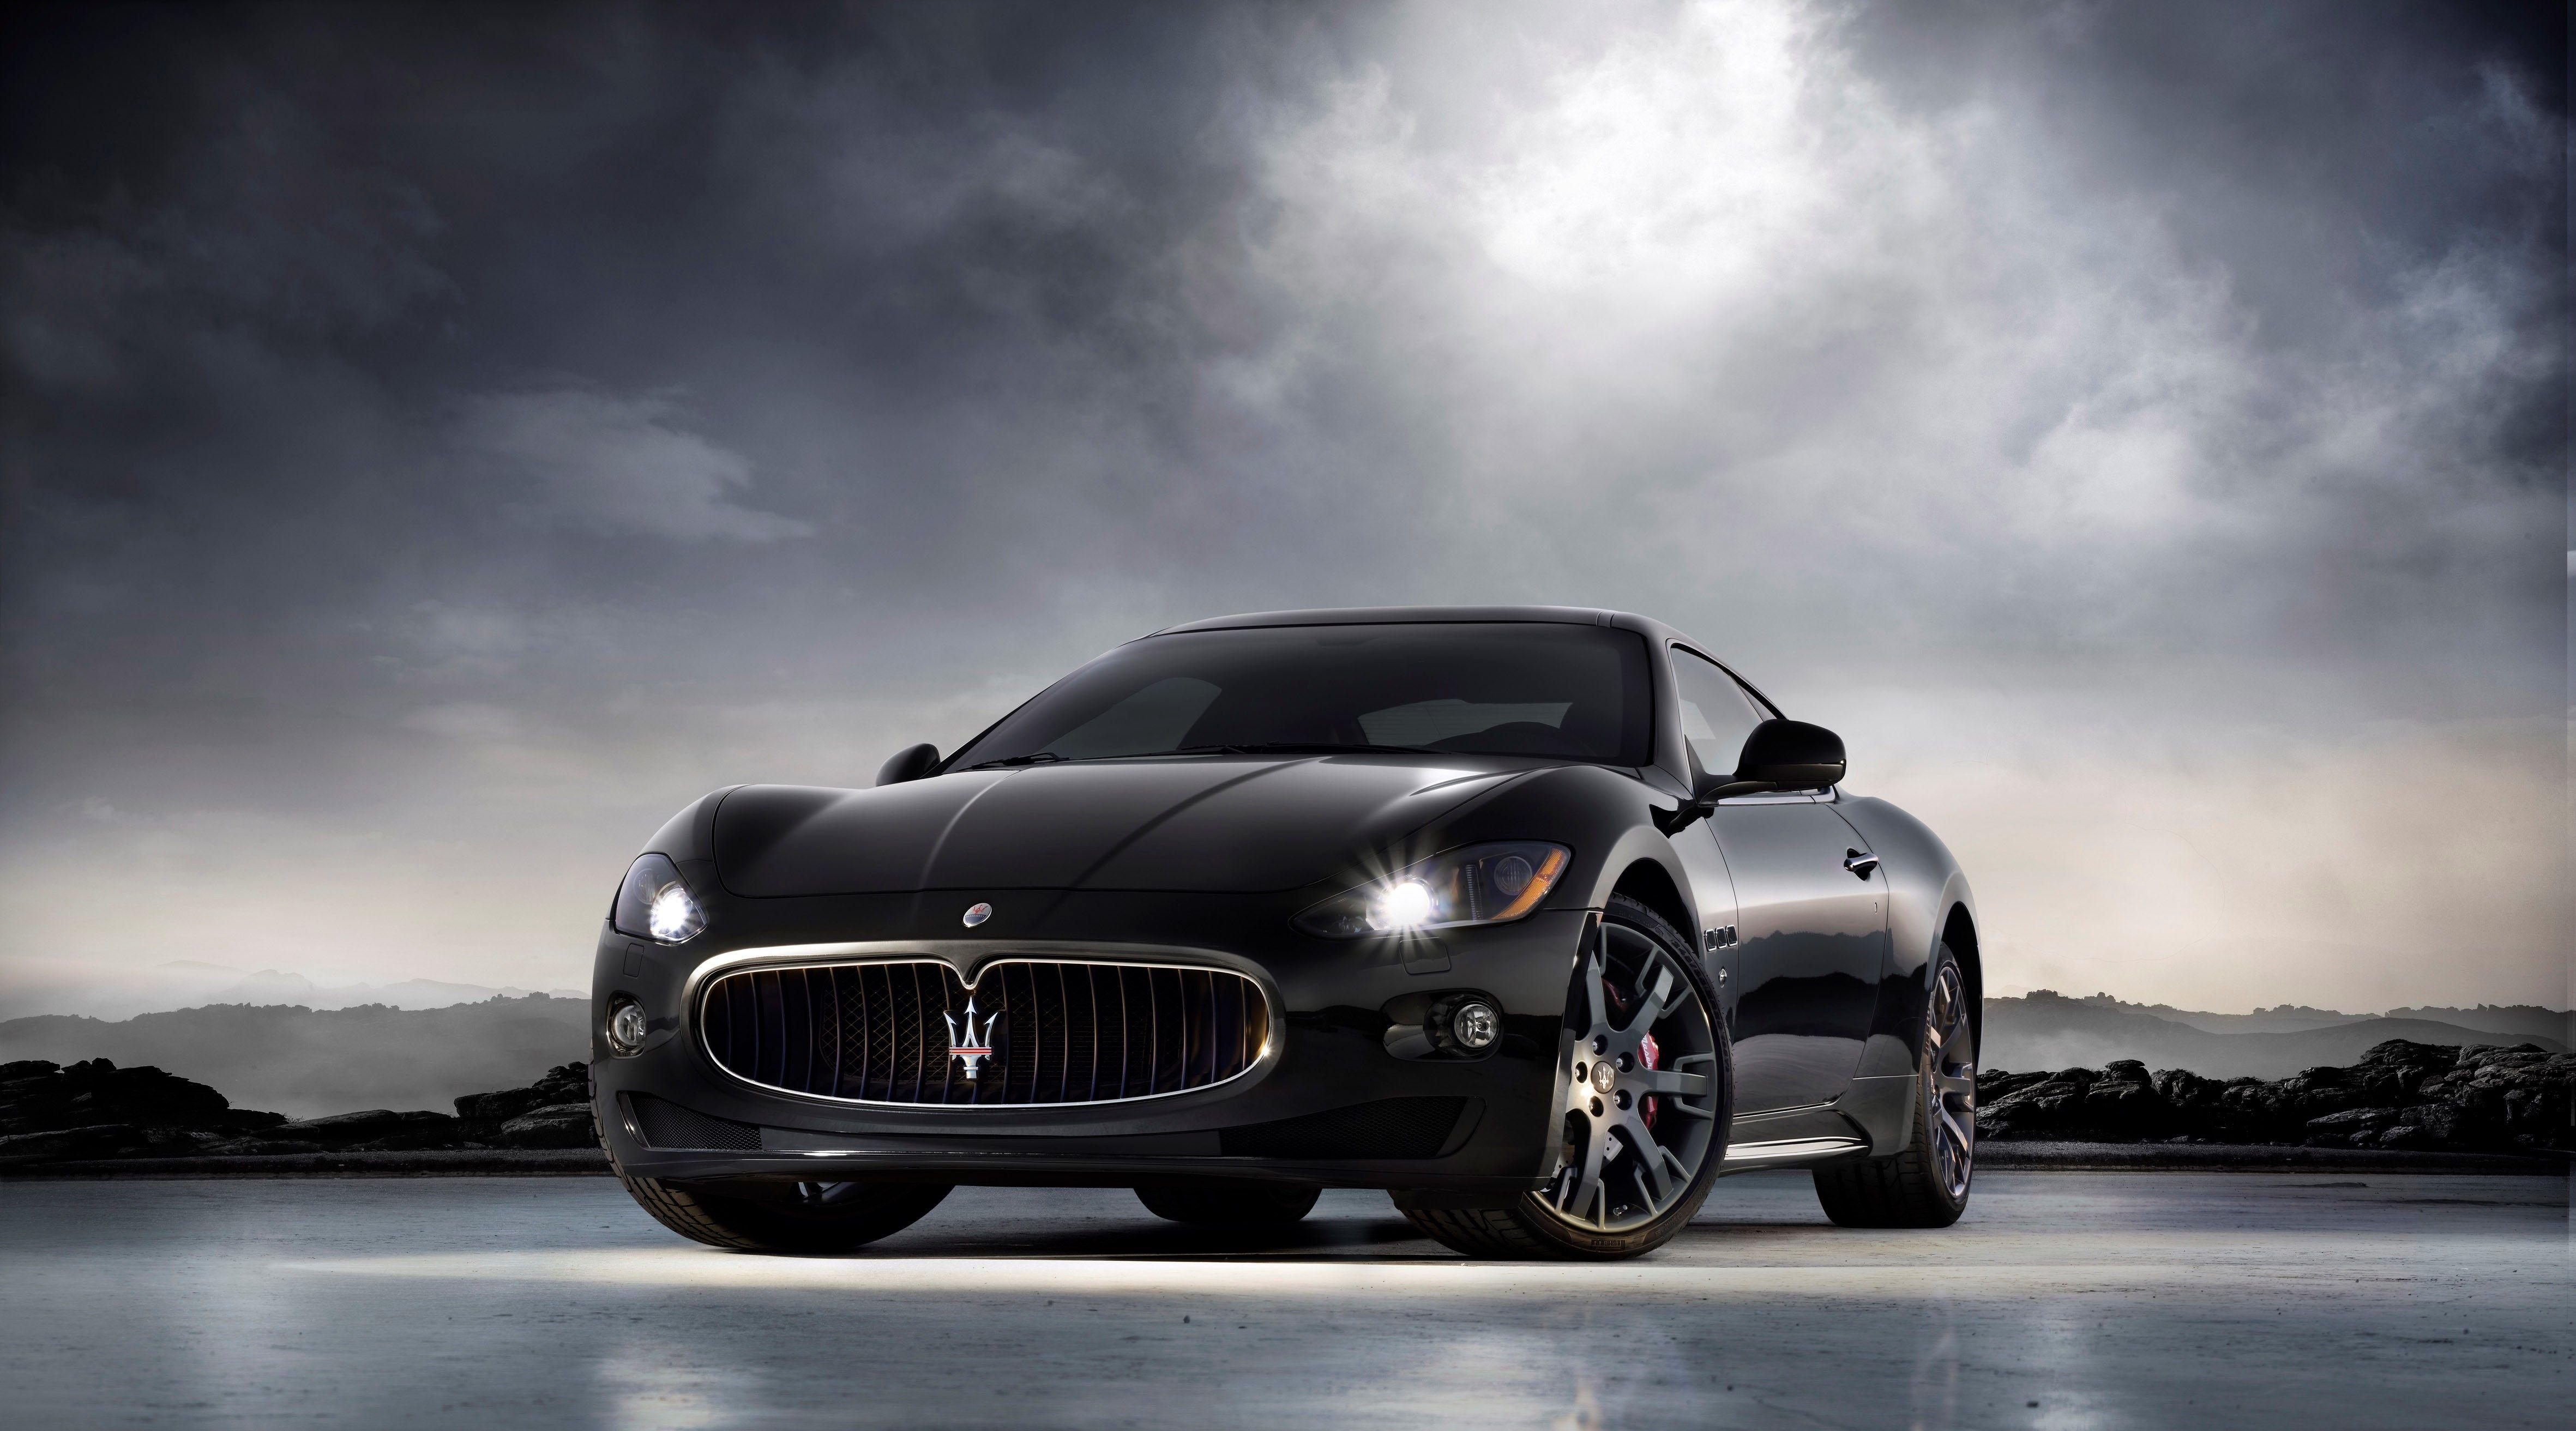 Maserati Granturismo Hd Wallpapers Maserati Car Maserati Granturismo Maserati Granturismo Sport